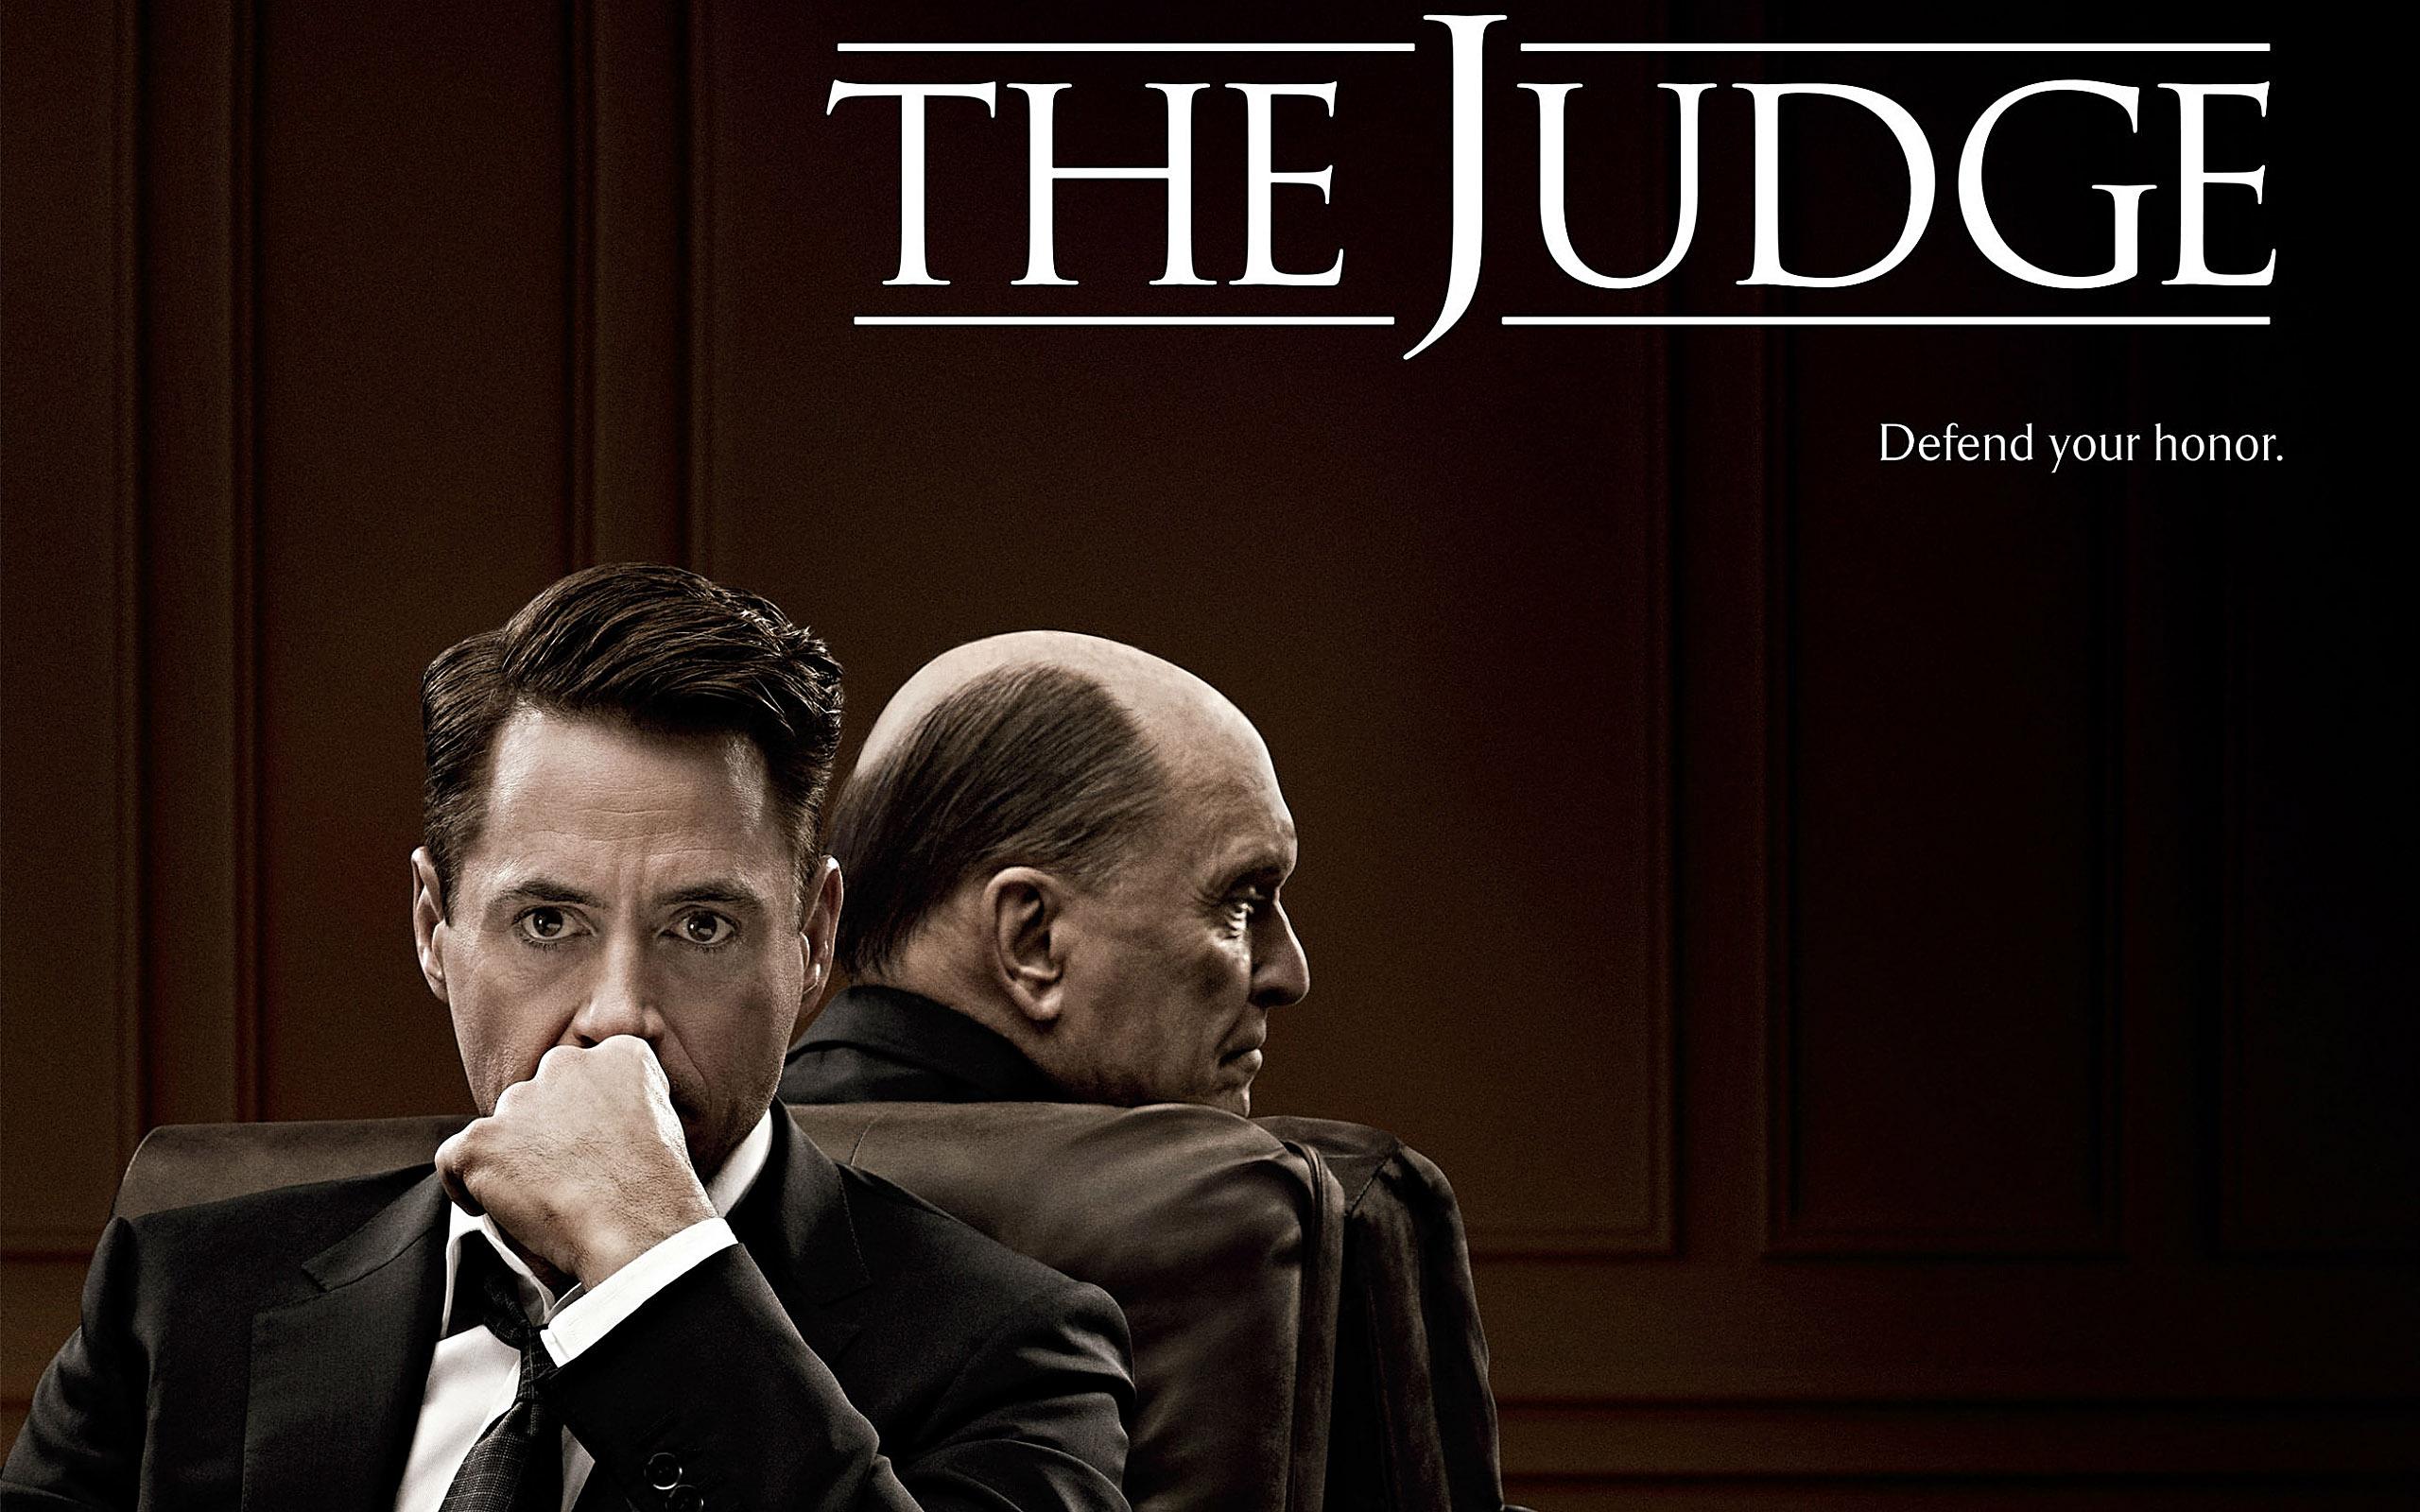 ภาพยนตร์ The Judge (2014) เดอะ จัดจ์ สู้เพื่อพ่อ